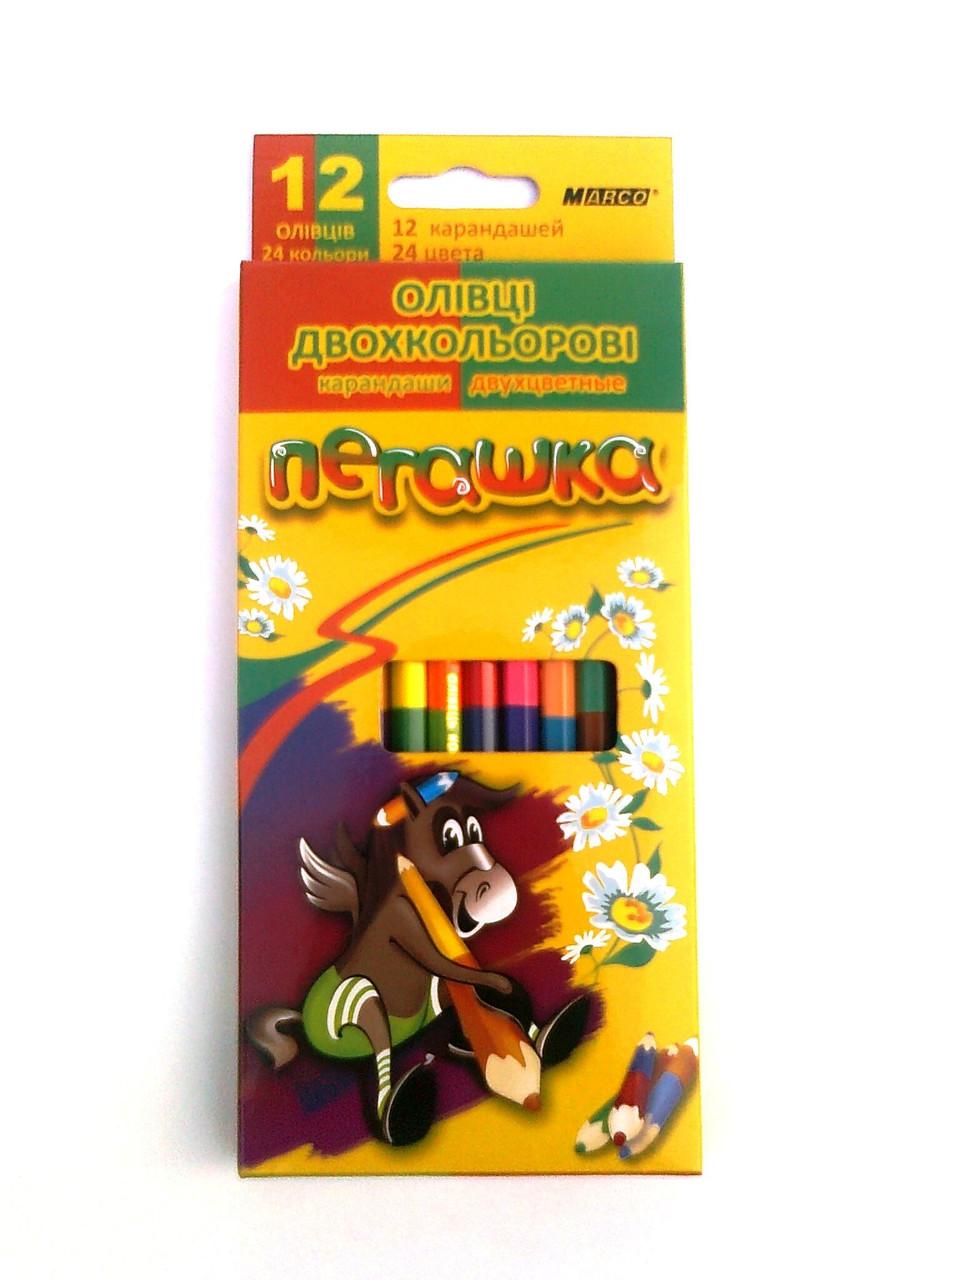 Набор цветных карандашей Пегашка 12 шт./ 24 цв.